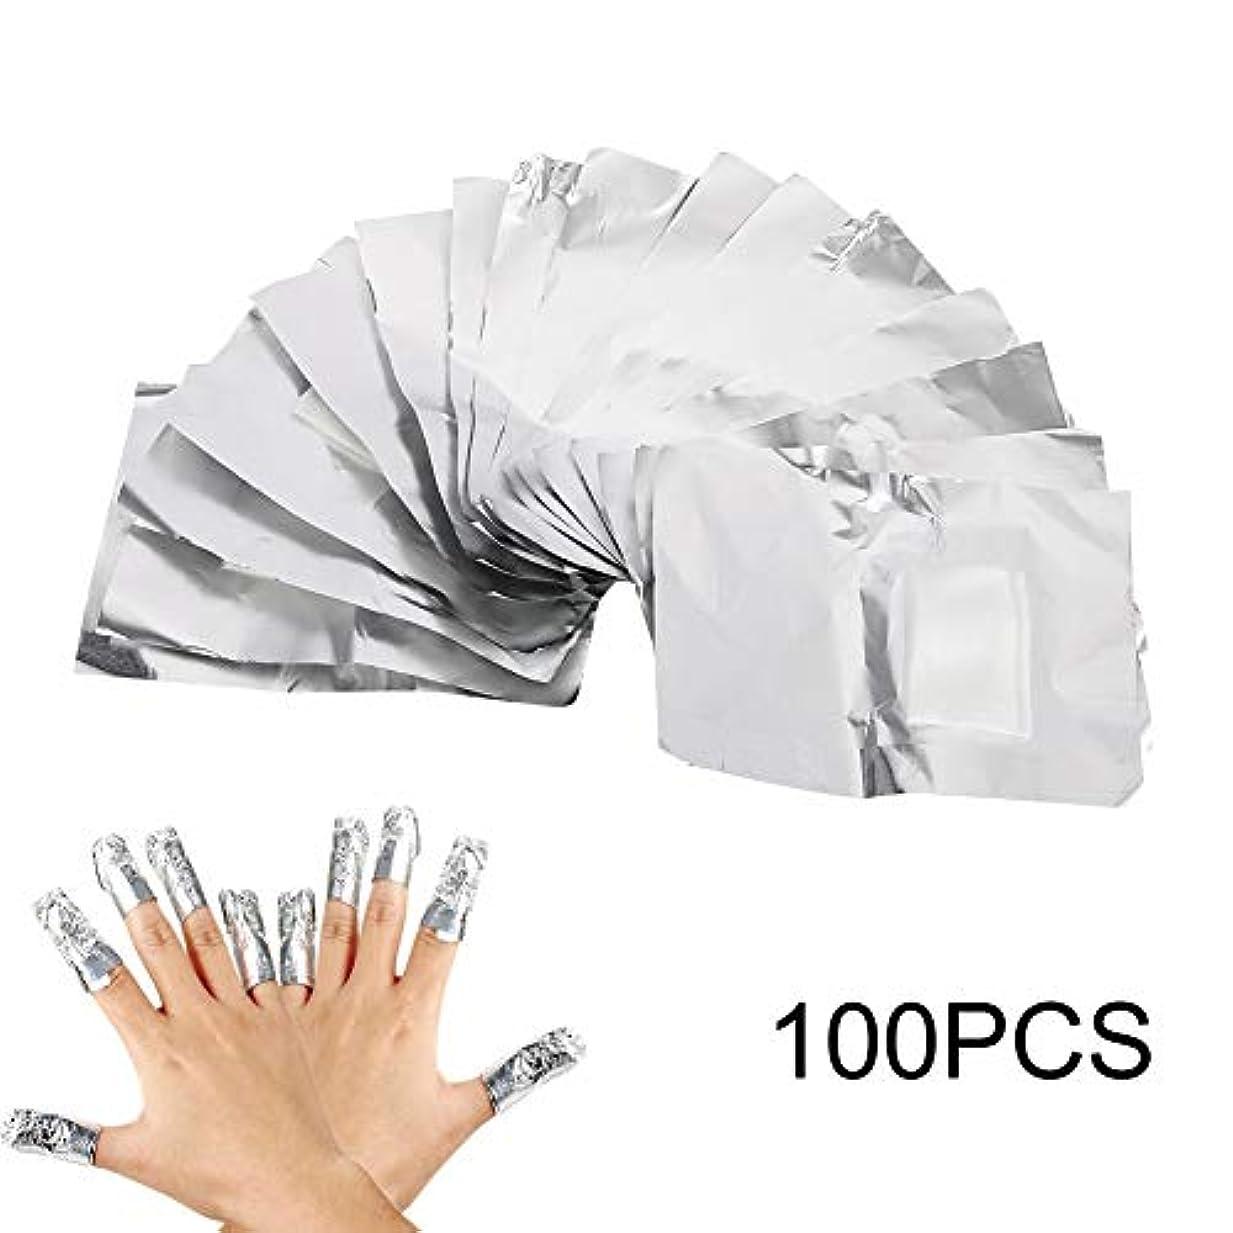 とげのある徹底ことわざネイル除去ホイルラップ 100ピース プロアルミホイルジェルポリッシュ除去ネイルアートリムーバーソークオフジェルラップ